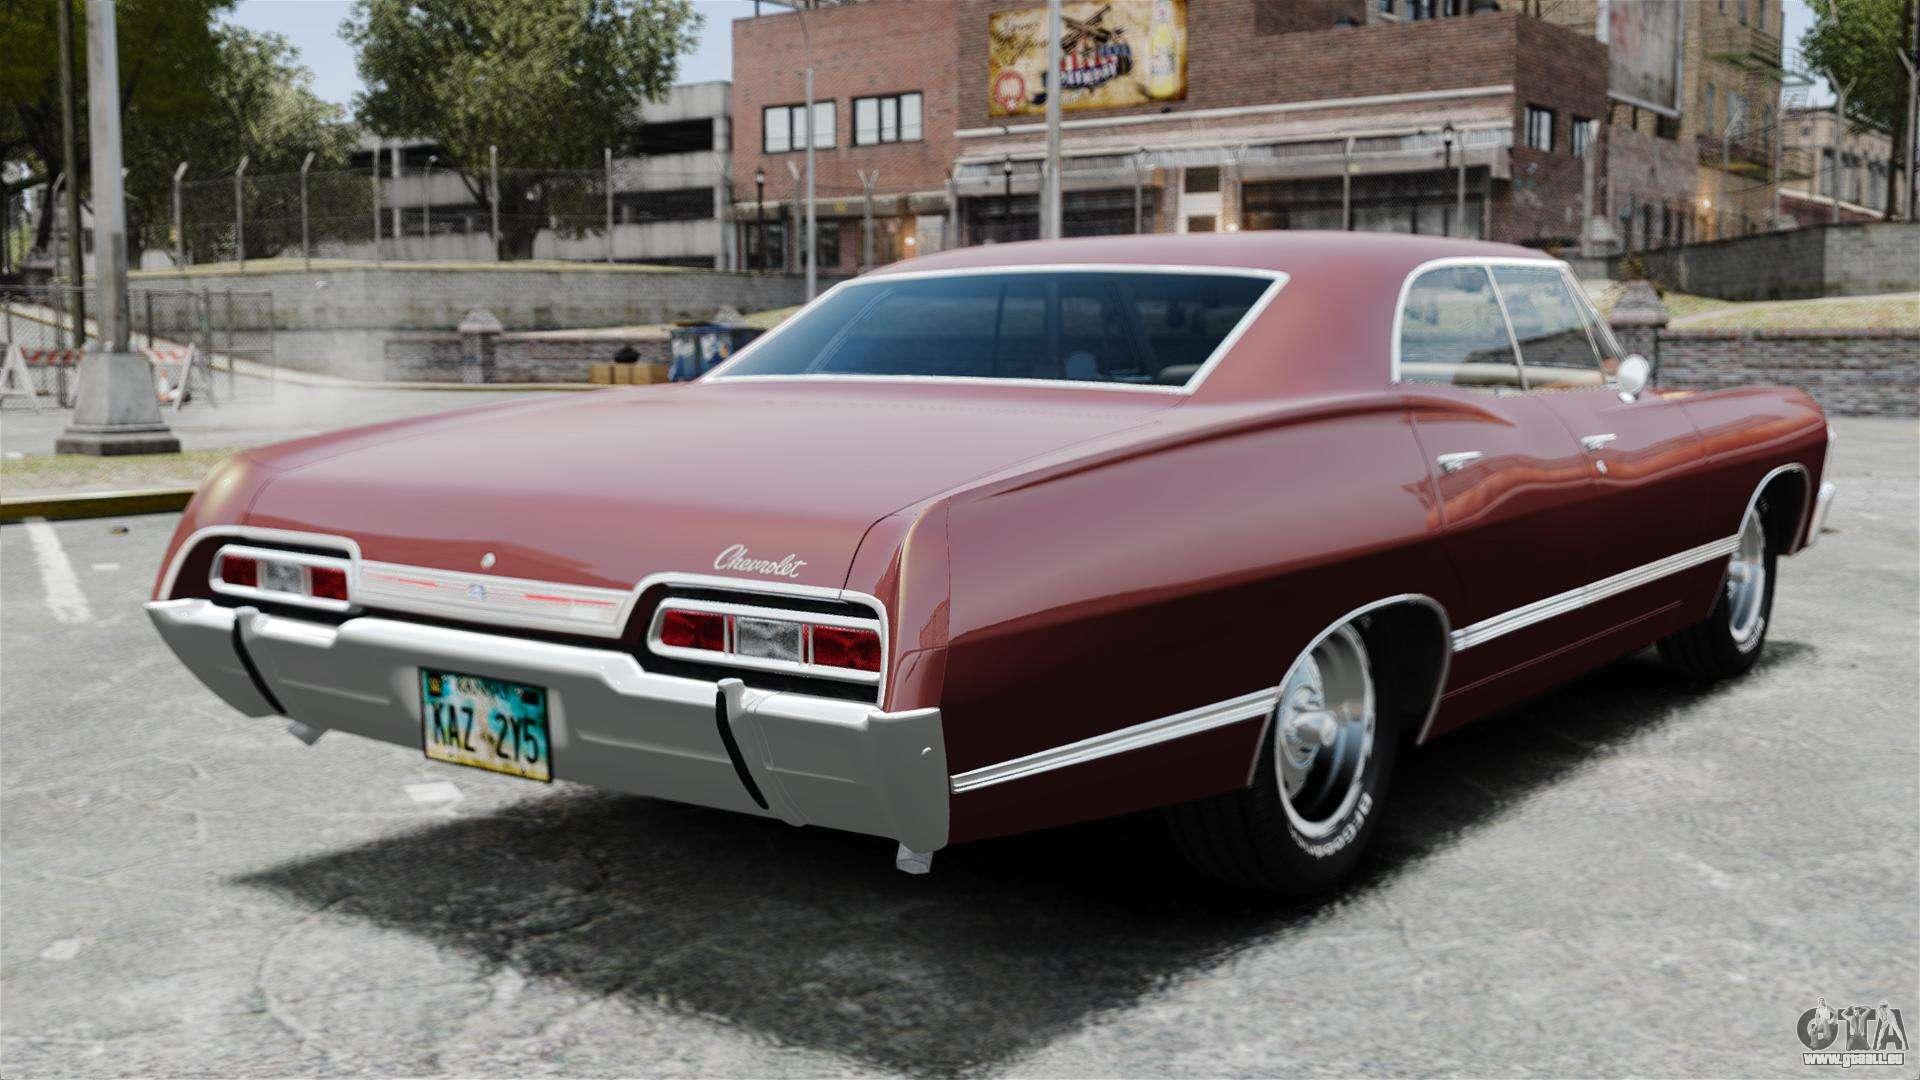 Impala Chevrolet 1967 – Idee immagine auto